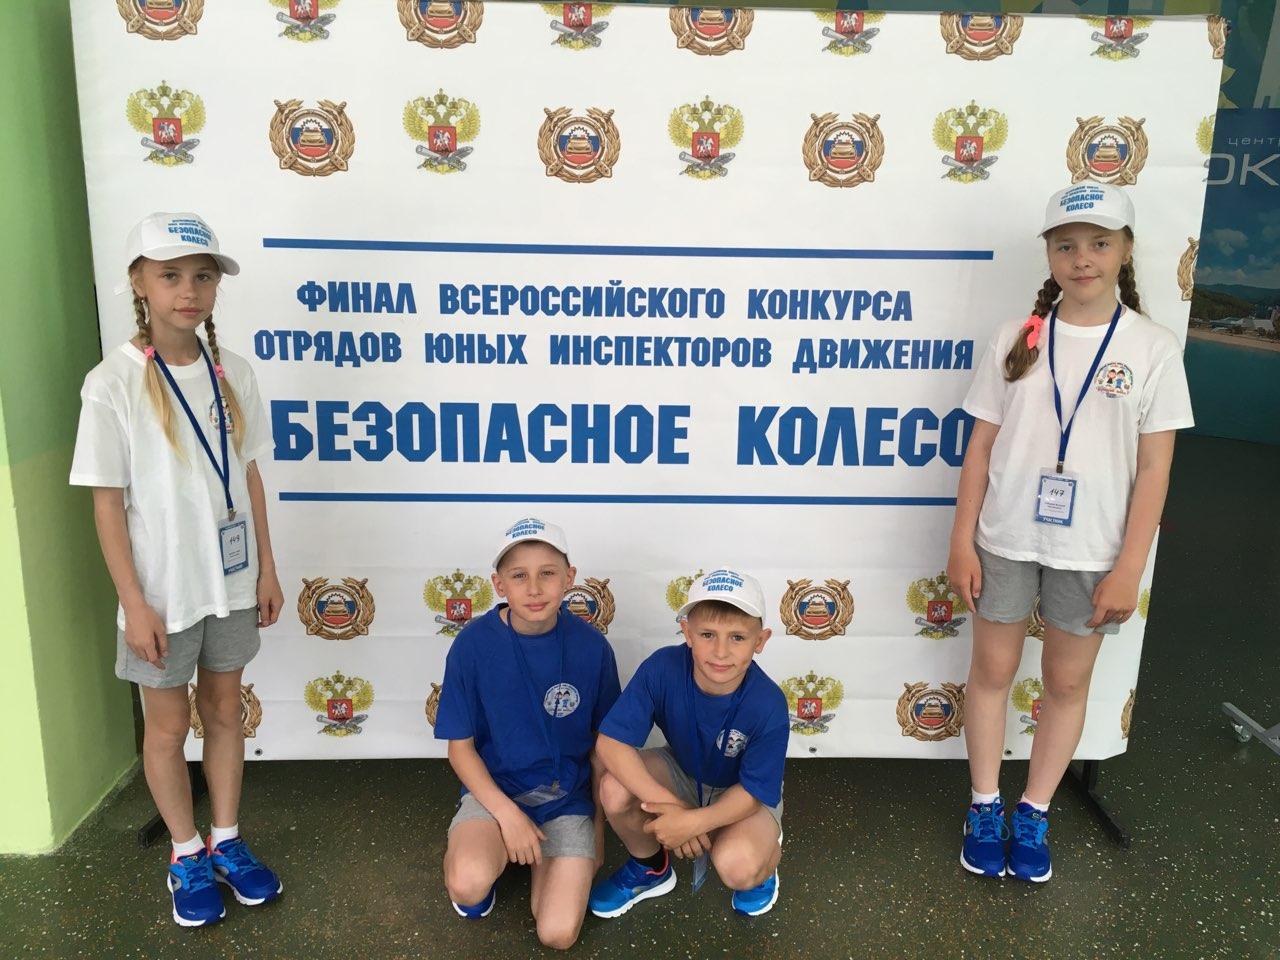 Финал Всероссийского конкурса юных инспекторов движения  «Безопасное колесо 2018»